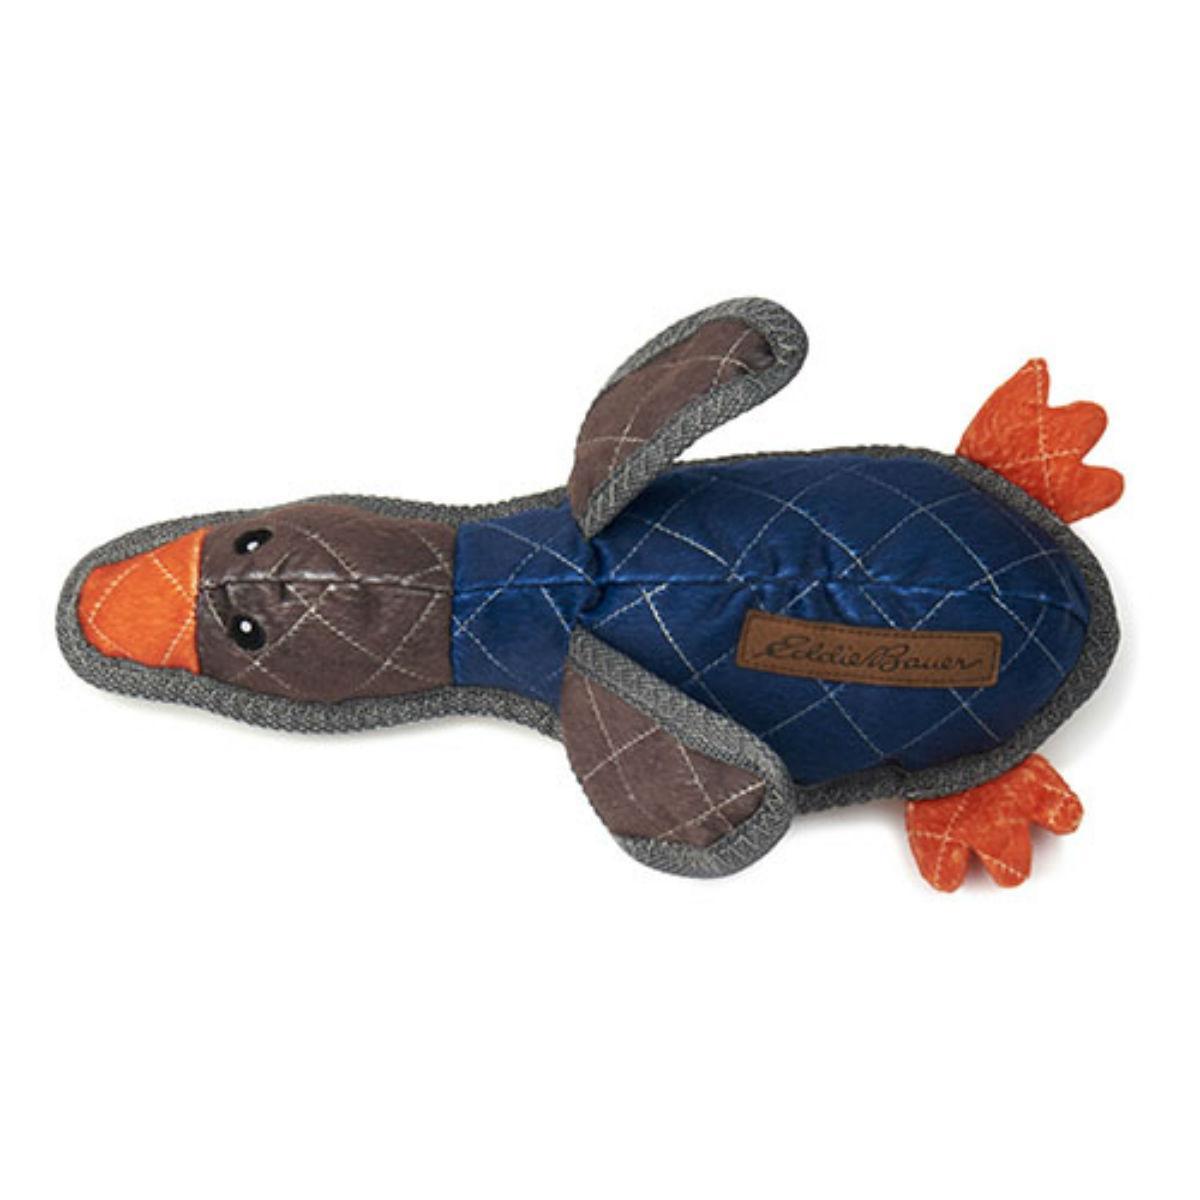 Eddie Bauer Duck Dog Toy - Navy